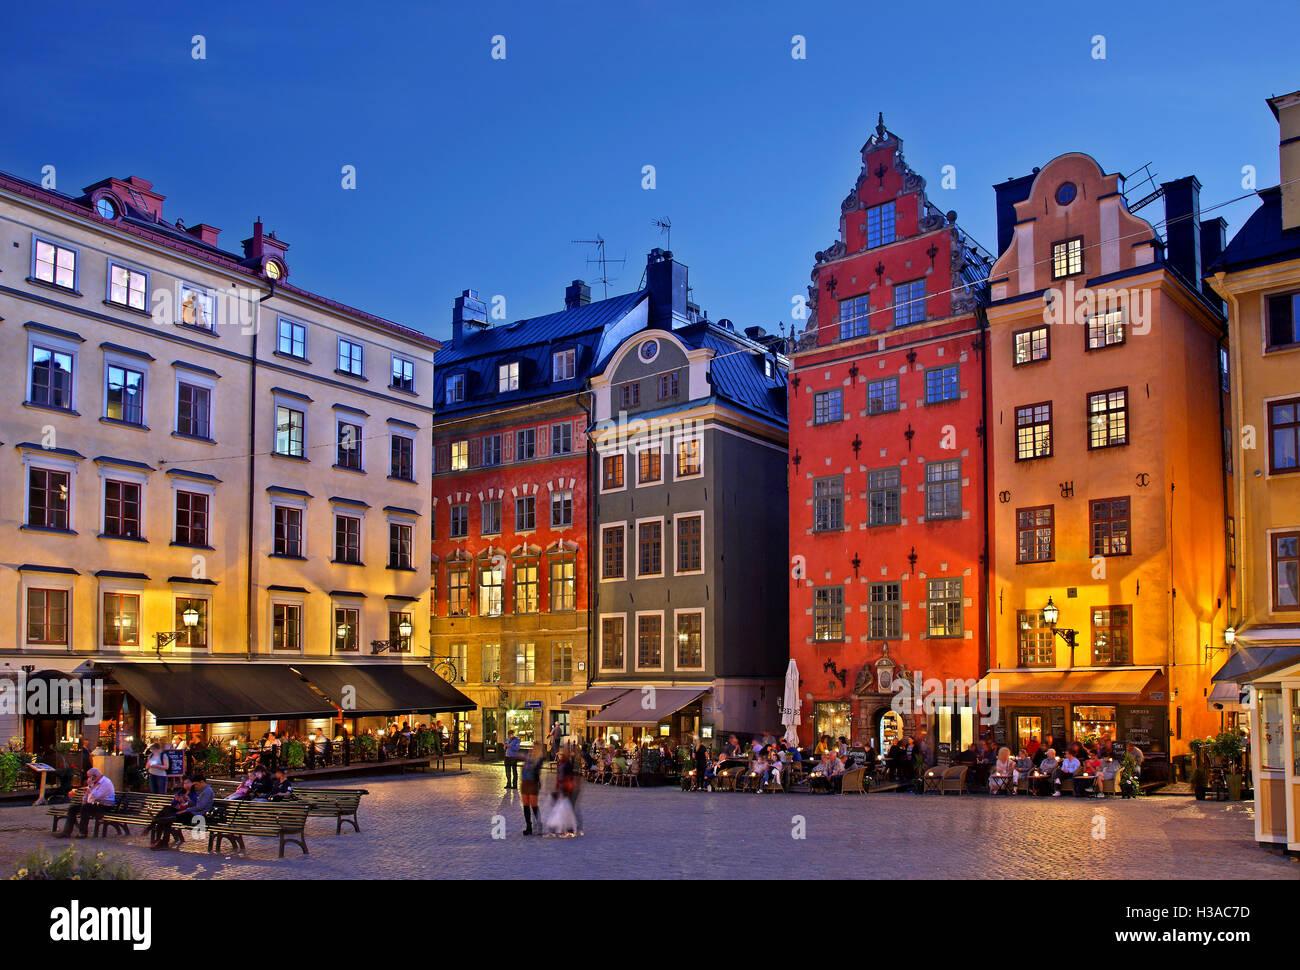 Stortorget Platz in Gamla Stan, die Altstadt von Stockholm, Schweden. Stockbild